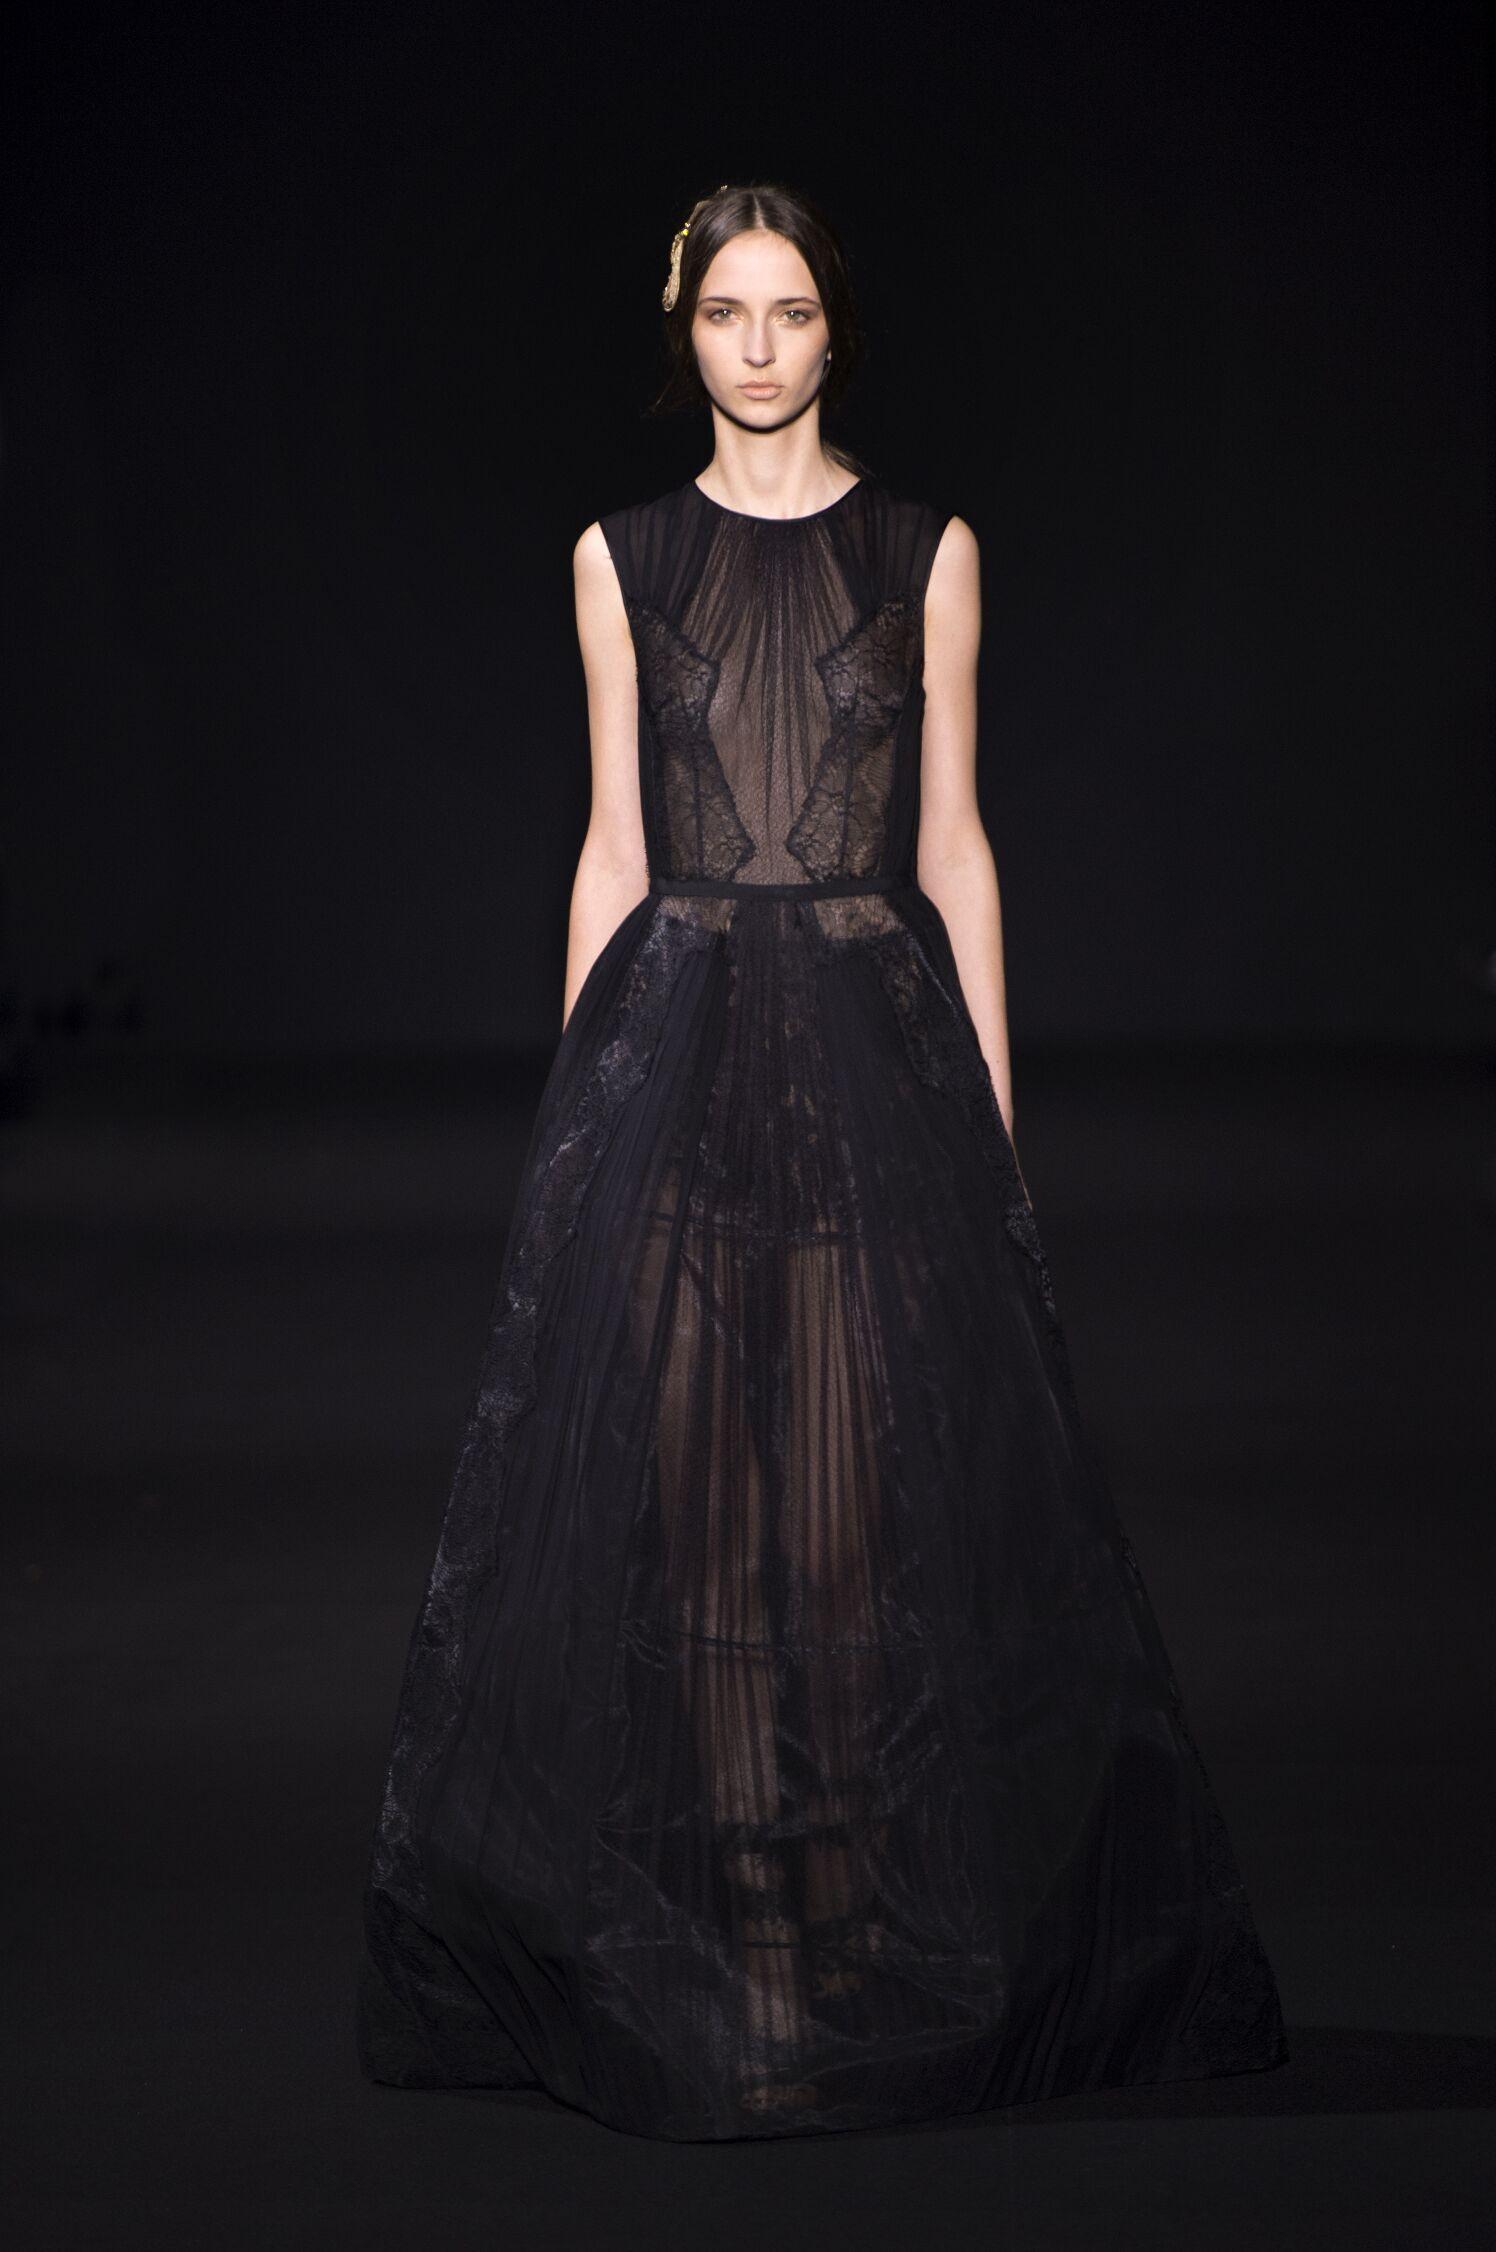 Fall Fashion Woman Dress